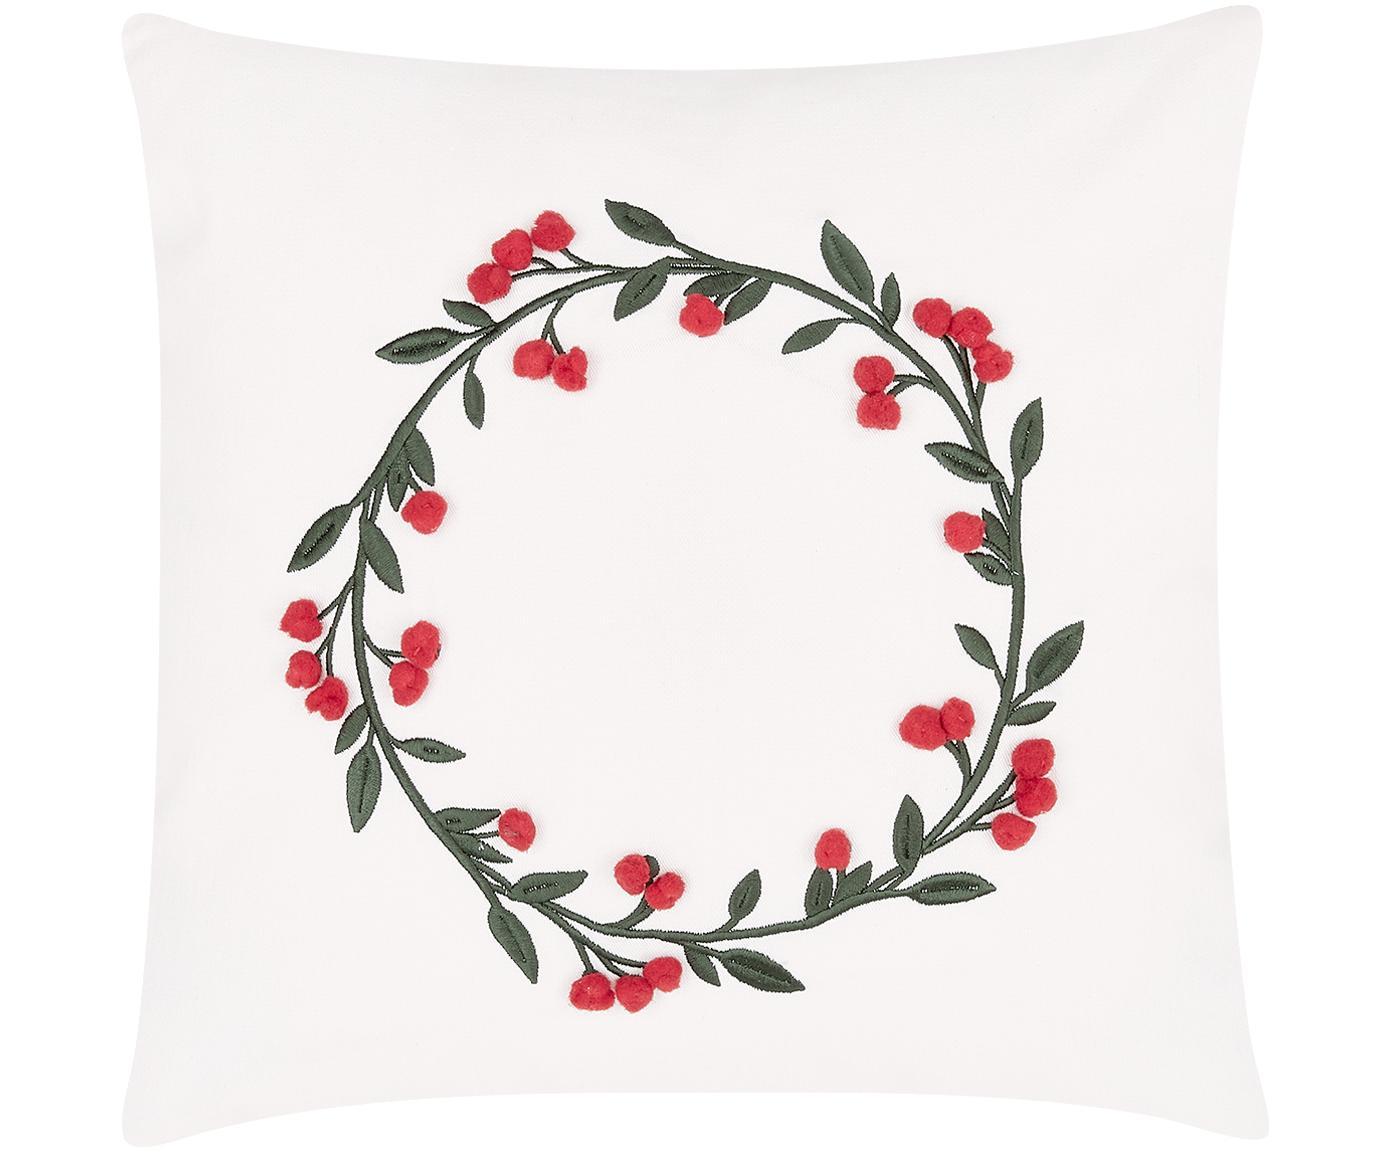 Funda de cojín bordada de terciopelo Christmas Wreath, Blanco crema, An 40 x L 40 cm